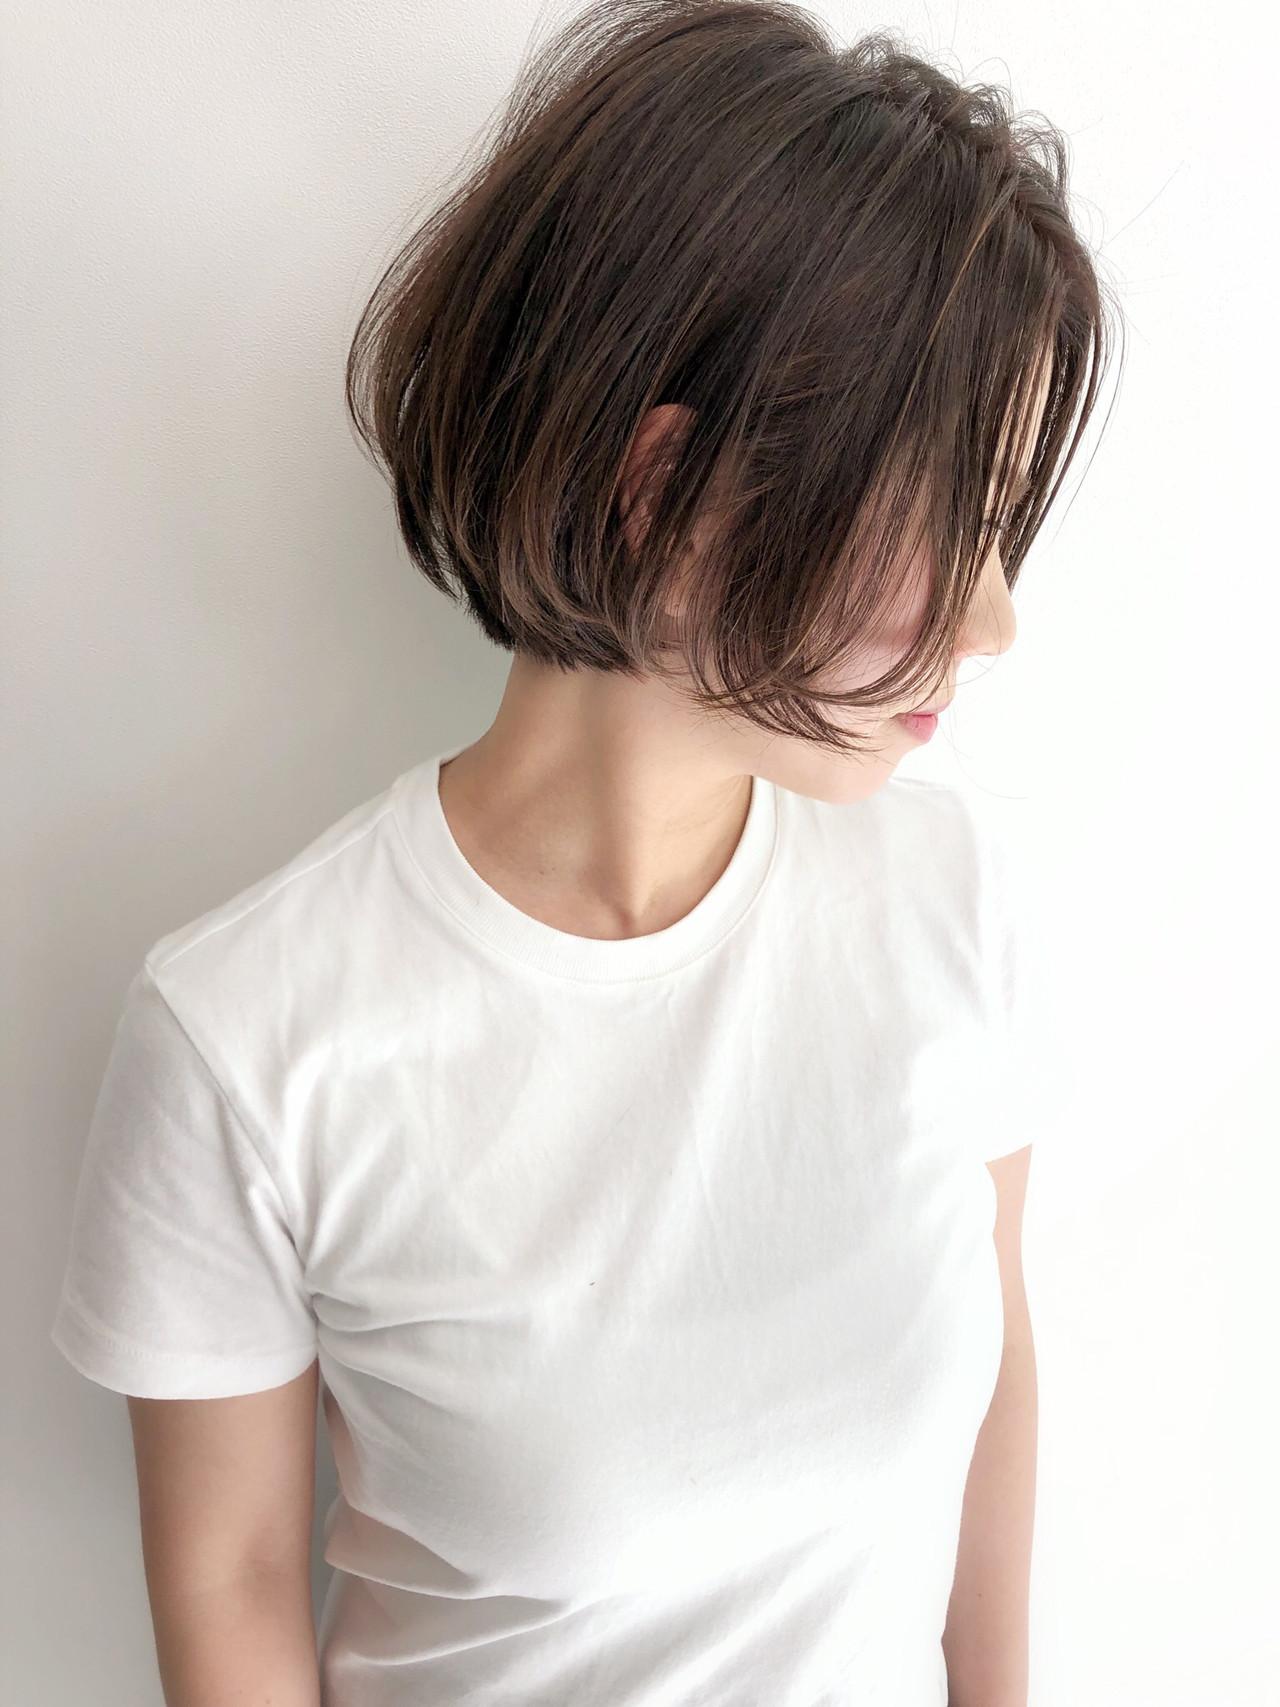 ミニボブ ボブ ナチュラル ボブヘアーヘアスタイルや髪型の写真・画像